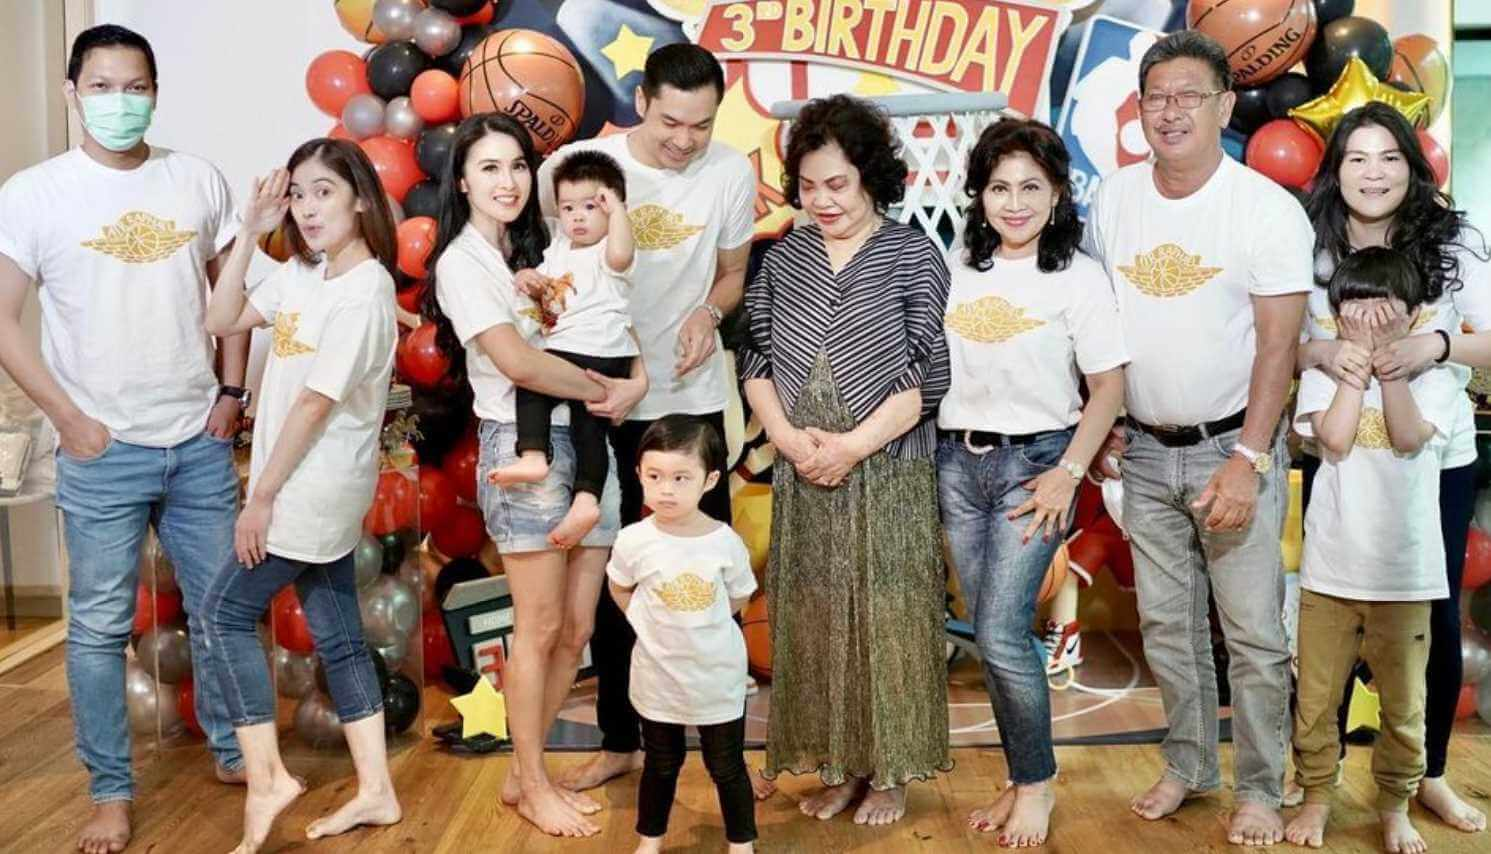 Sandra Dewi with Family Photo